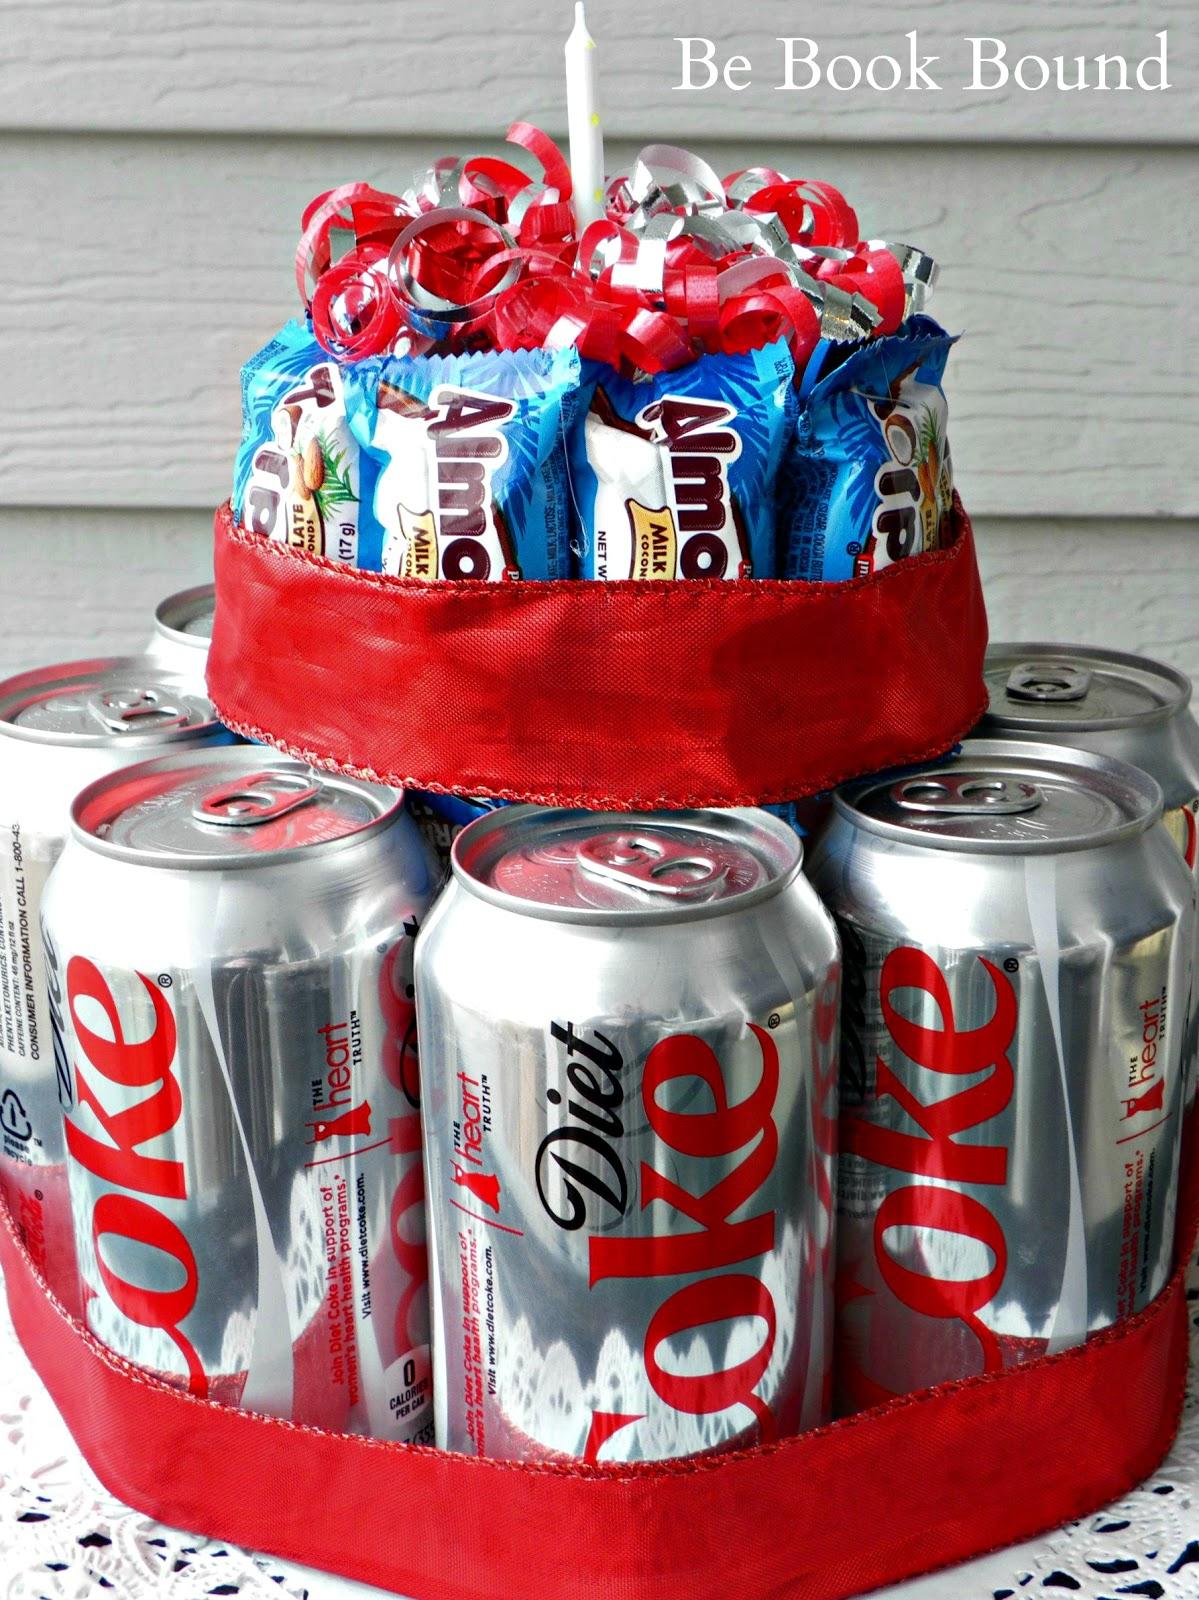 http://4.bp.blogspot.com/-UpjAZ6gjjtk/UCGhe6eUc4I/AAAAAAAABmE/5zsLcTdhzeI/s1600/Coke%20and%20Candybar%20Cake.jpg